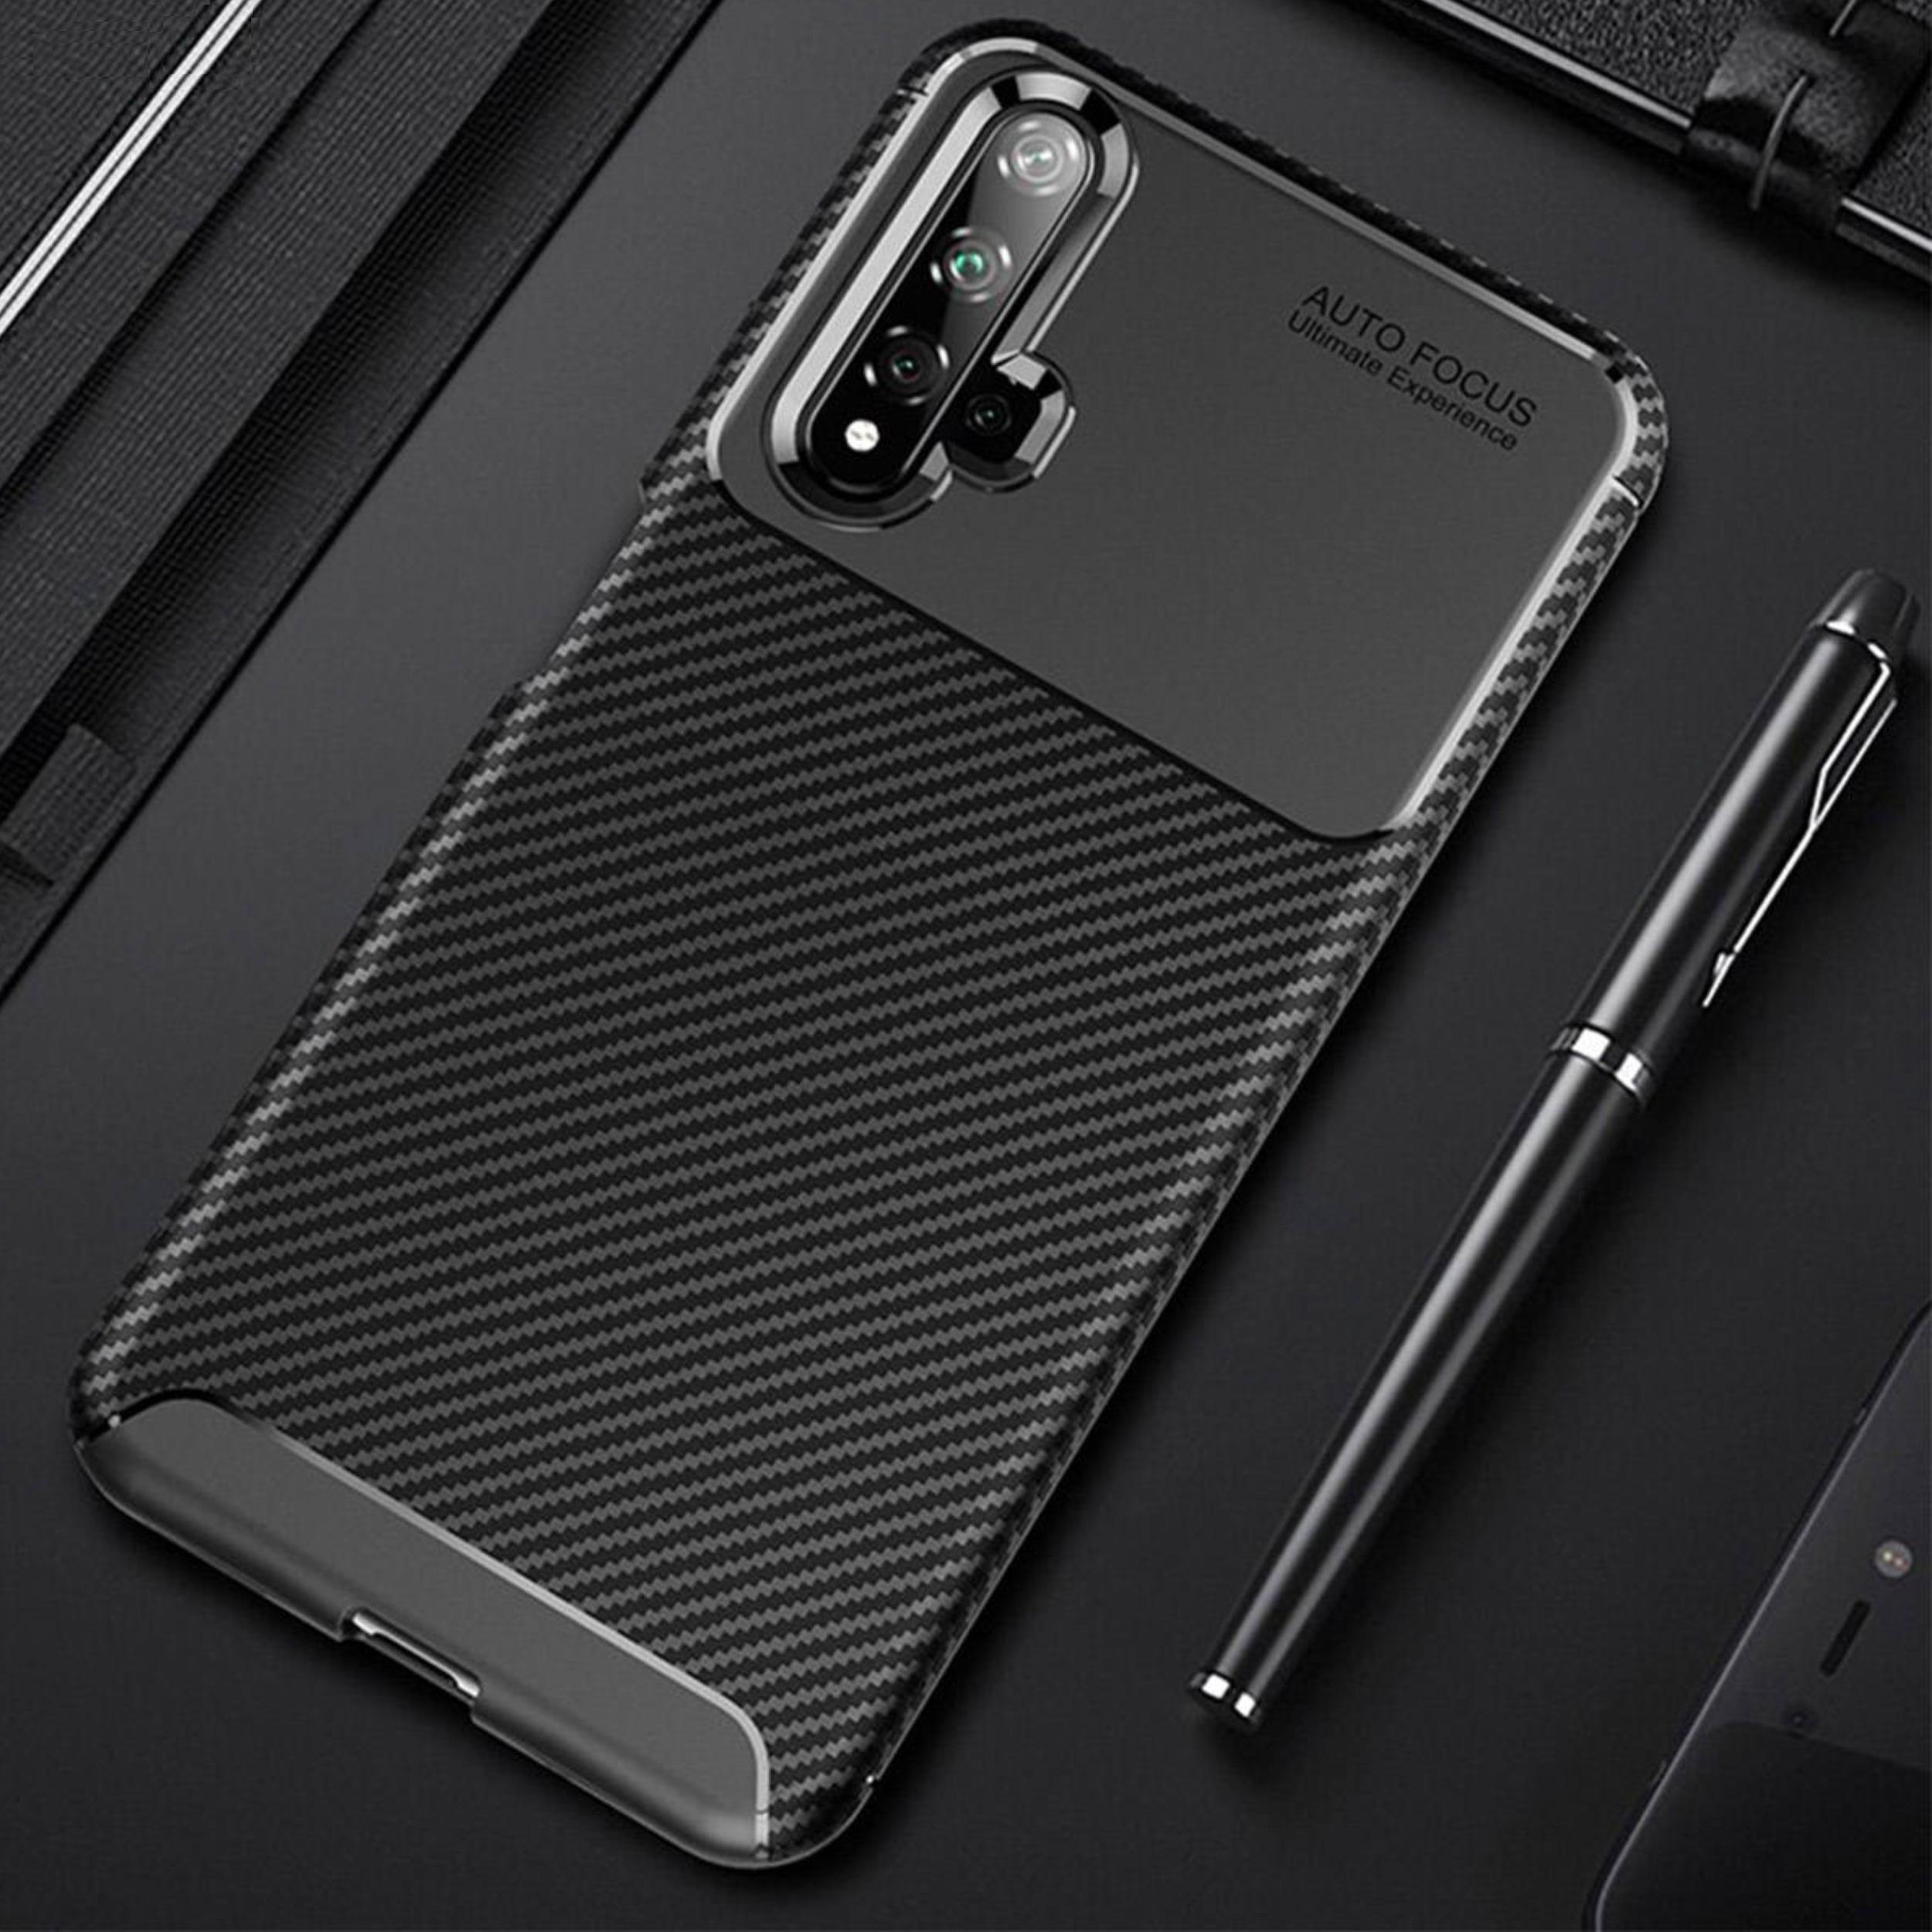 کاور لاین کینگ مدل A21 مناسب برای گوشی موبایل هوآوی Nova 5T thumb 2 8